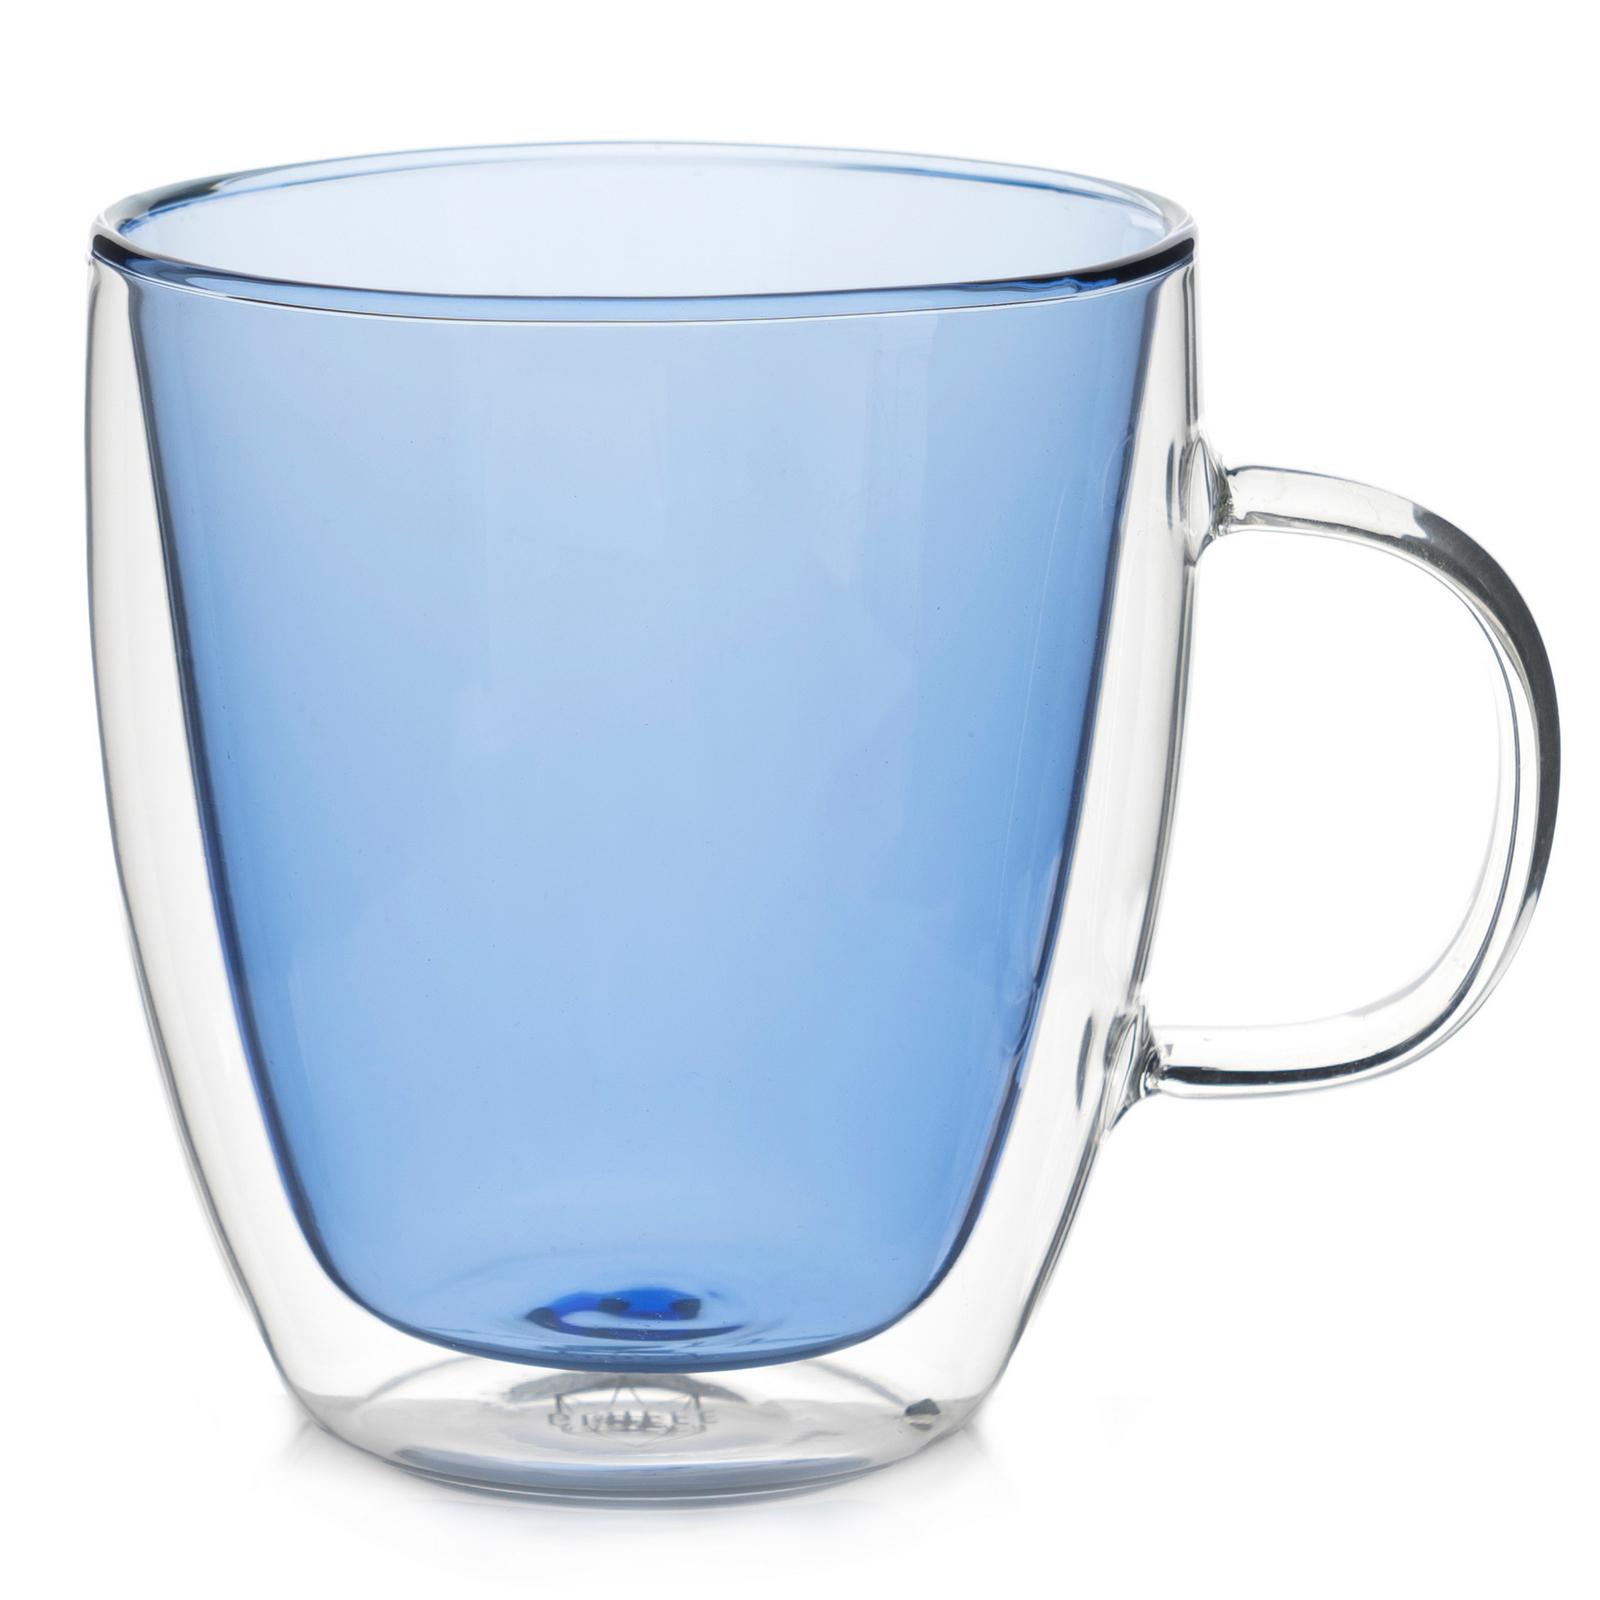 """Все товары Кружка с двойными стенками """"Sidney"""" 380 мл цветная, синее стекло лазурный.jpg"""